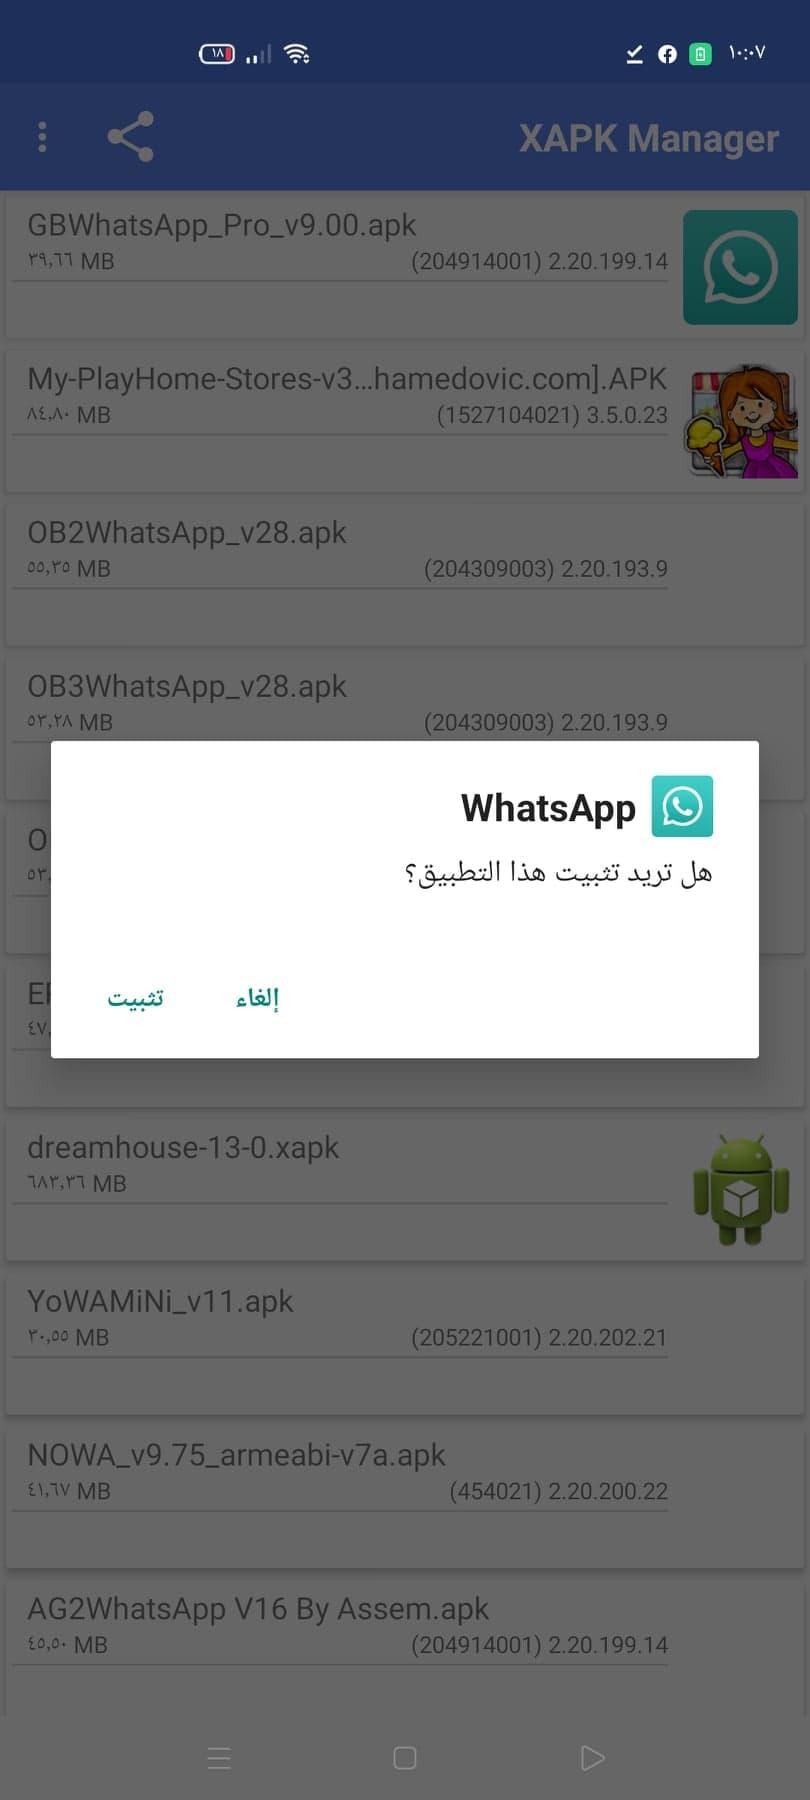 خطوات تحميل جي بي واتساب تنزيل جي بي واتساب Gbwhatsapp اخر اصدار للاندرويد